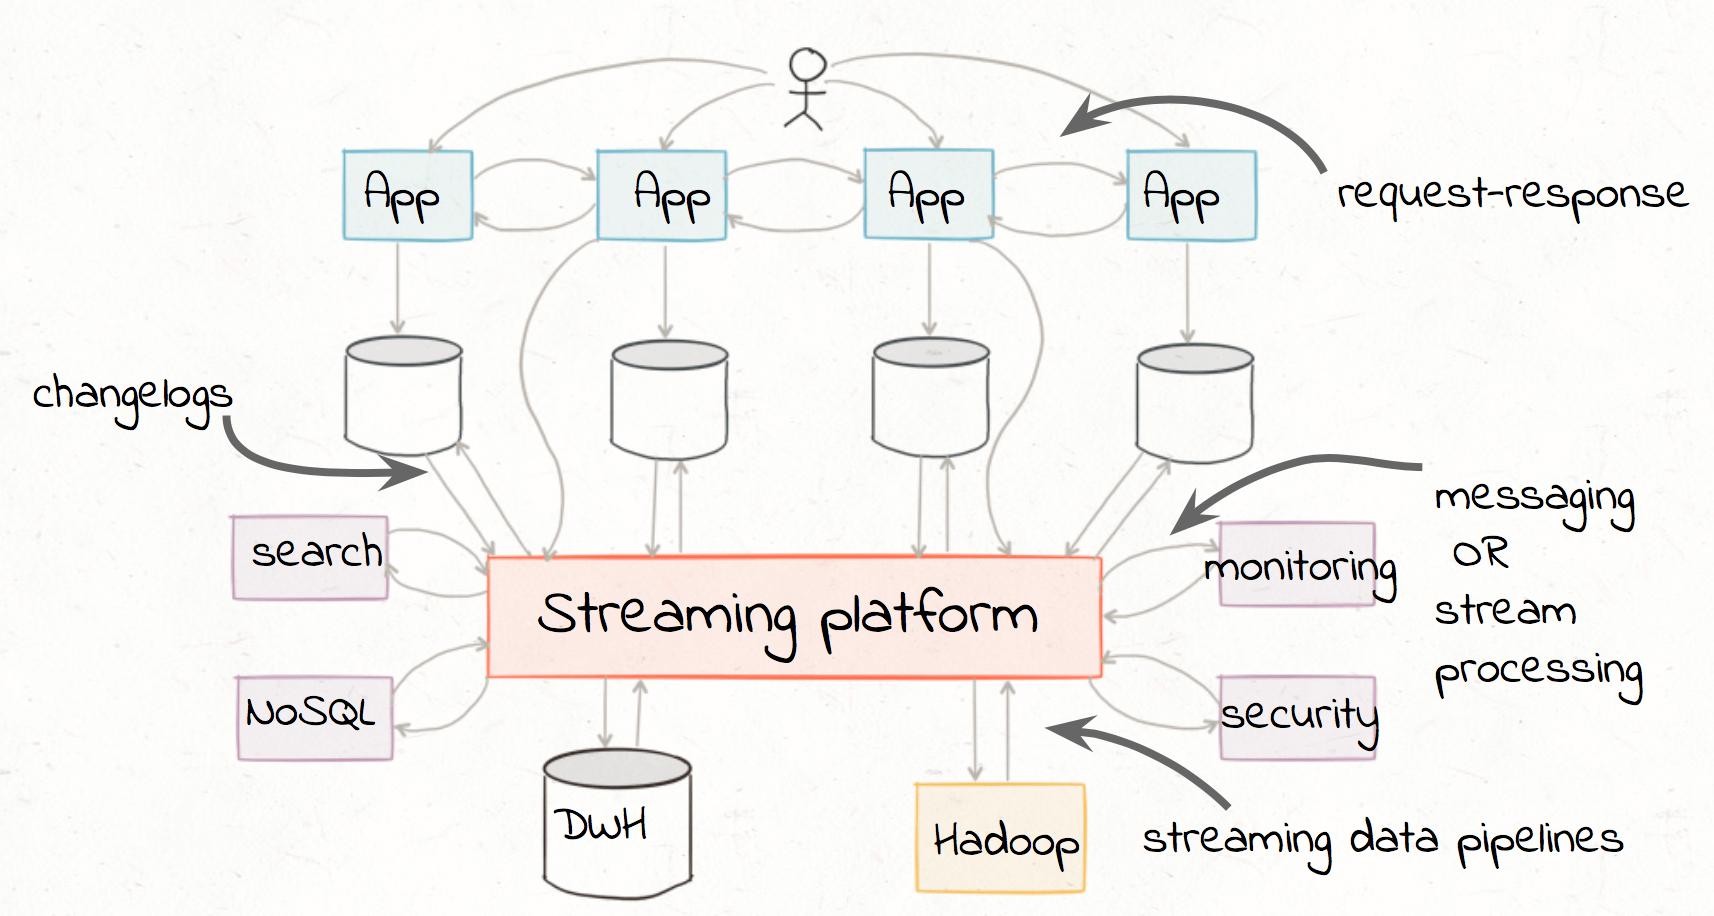 etl_streaming